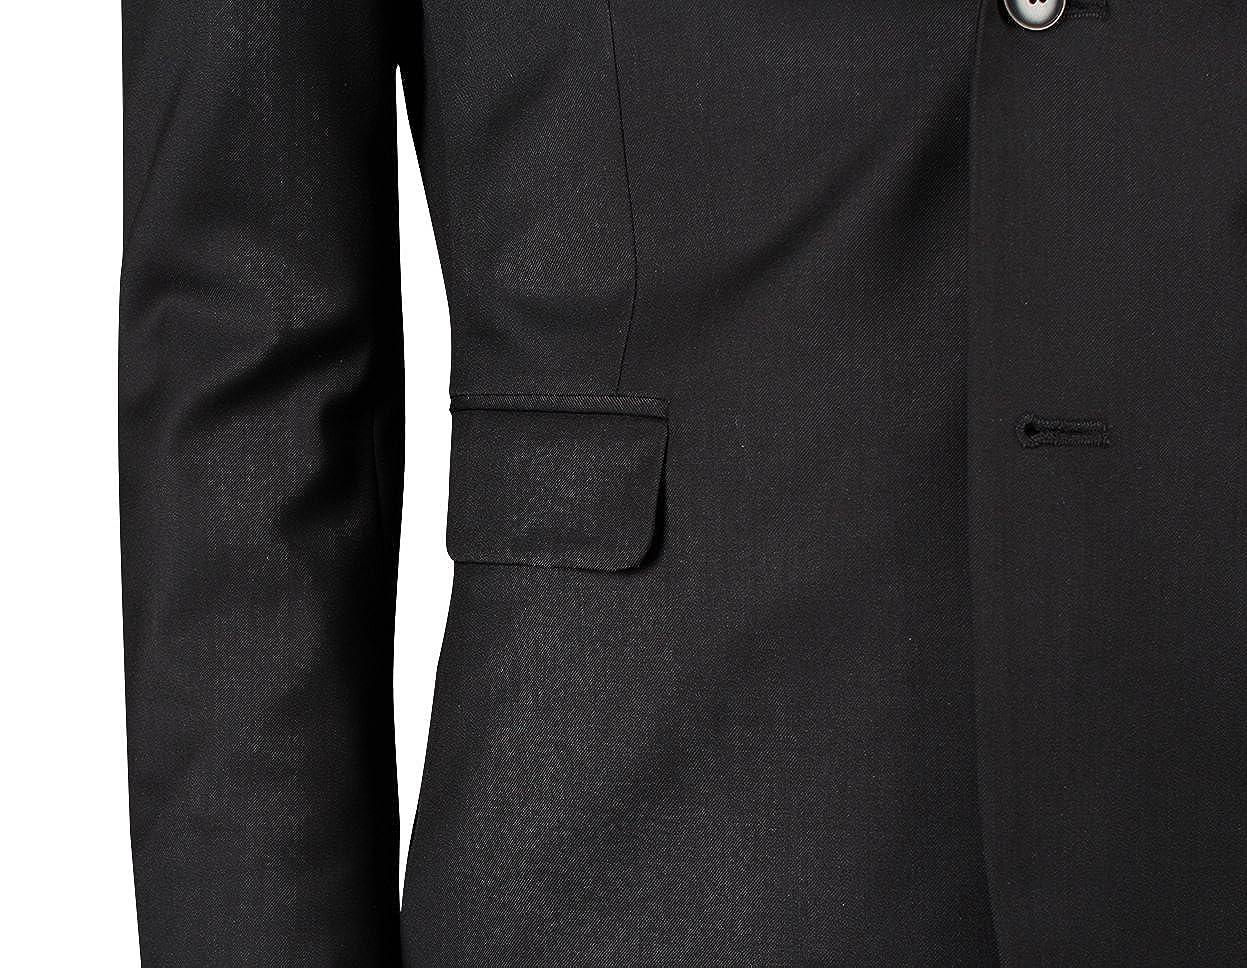 JEJEhomme Slim Fit Mens Suits Two Button Jacket Pants Set Solid Black